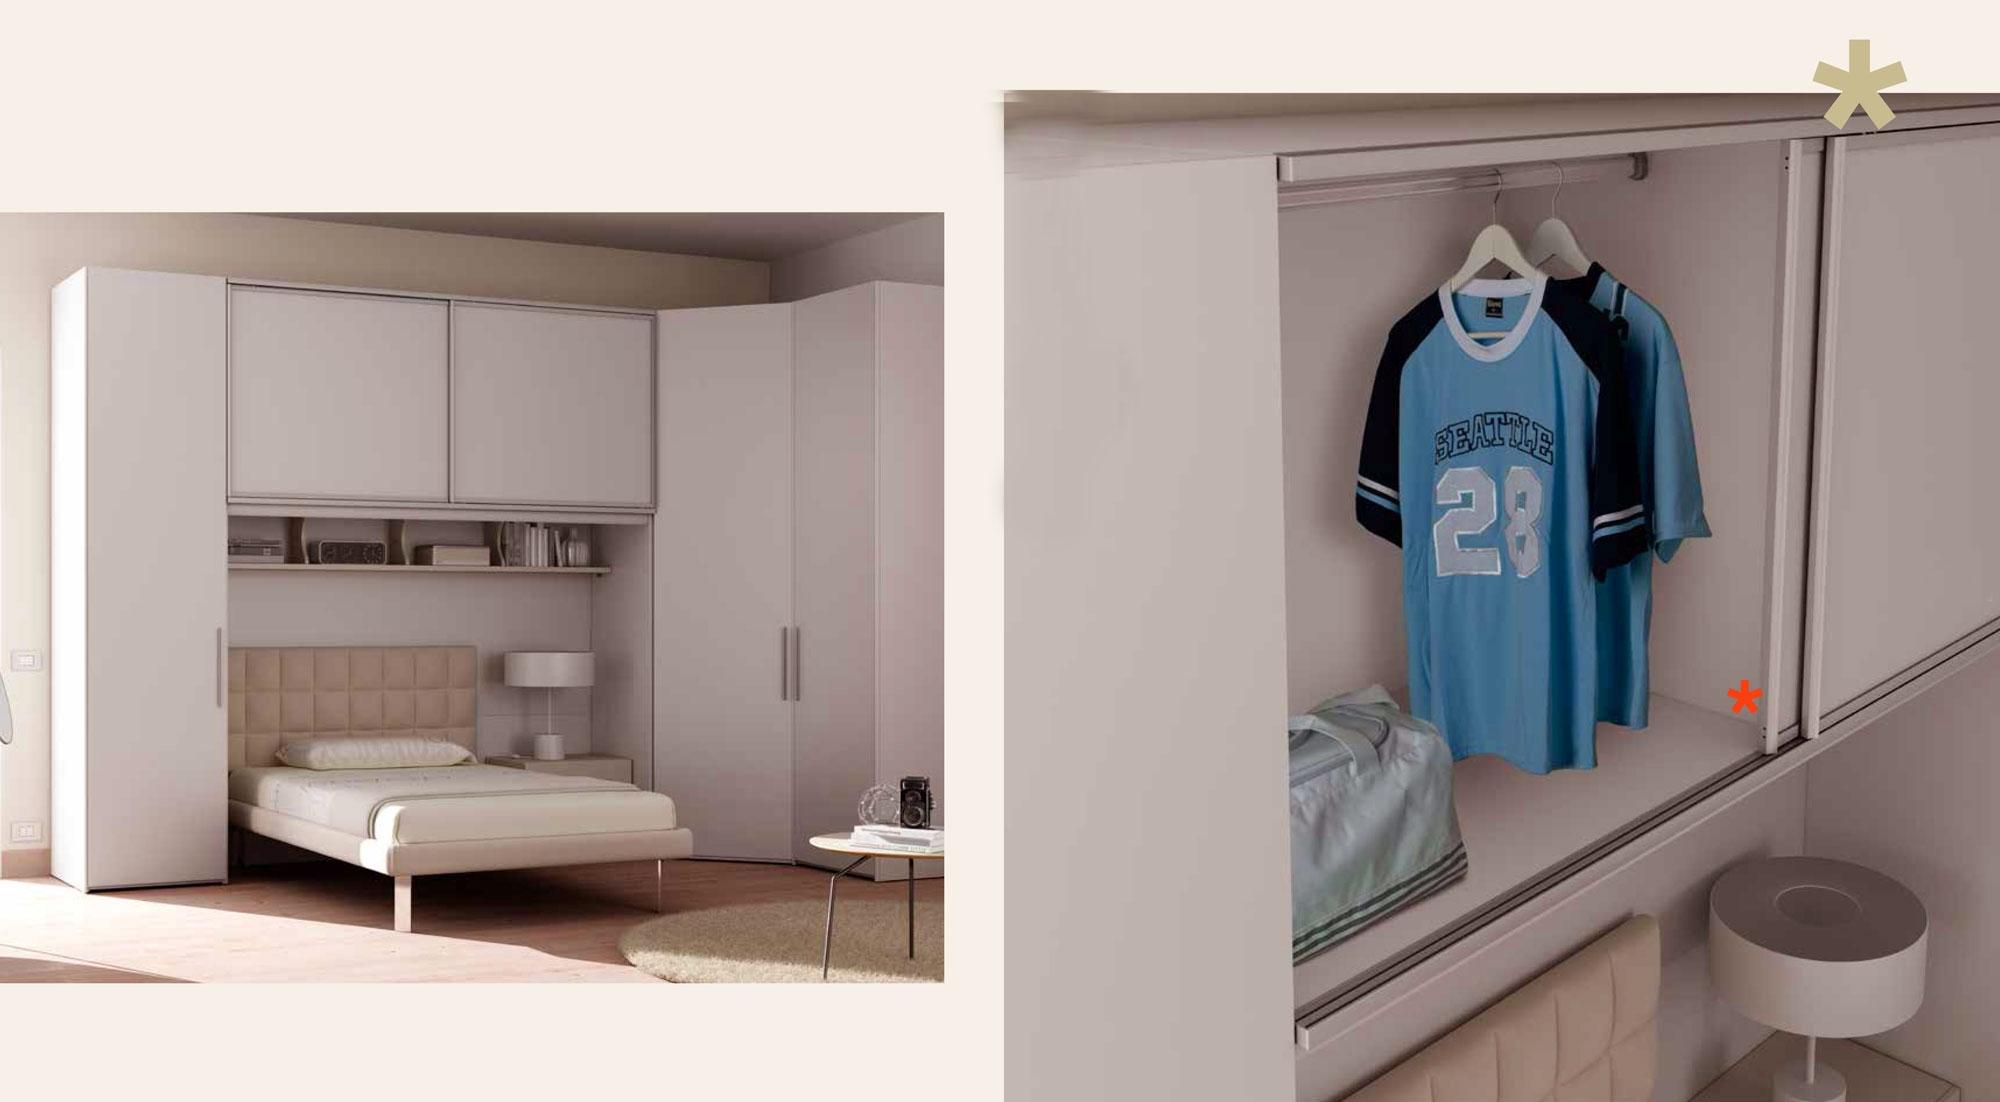 Chambre ado complte lit 1 personne design  MORETTI COMPACT  SO NUIT